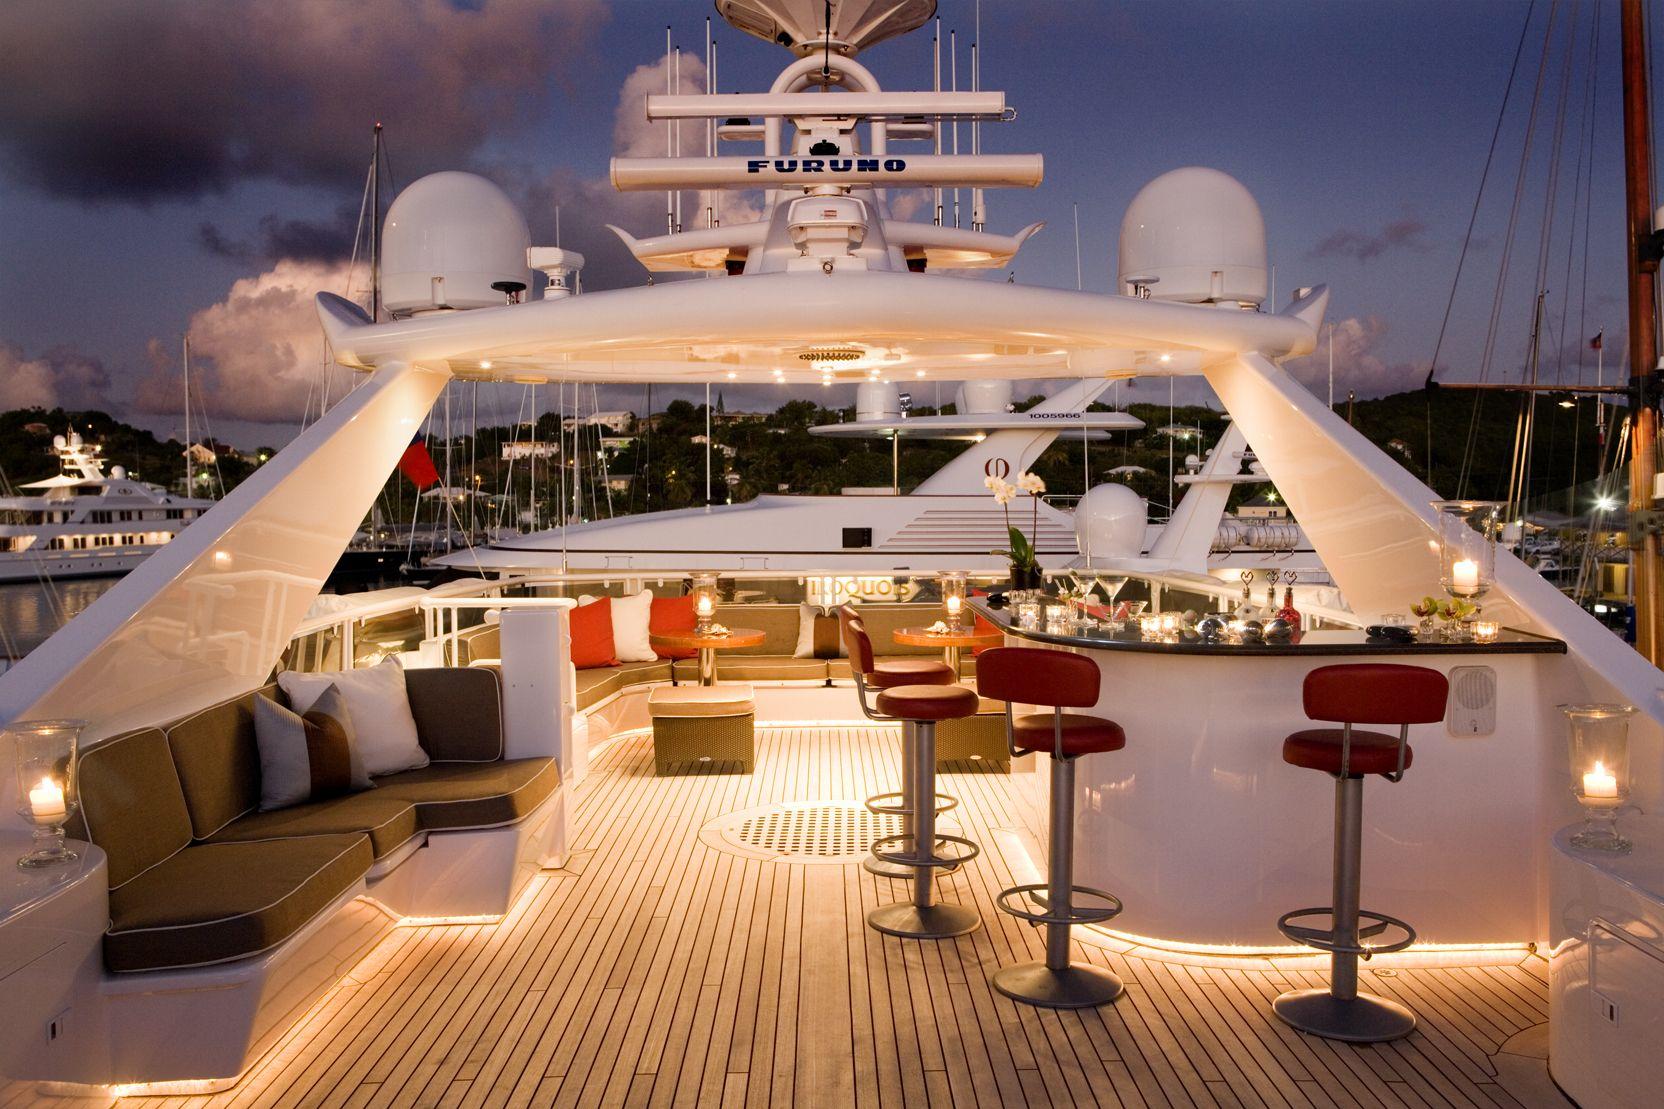 Upper Deck | Luxury yacht interior, Luxury yachts, Yacht ...